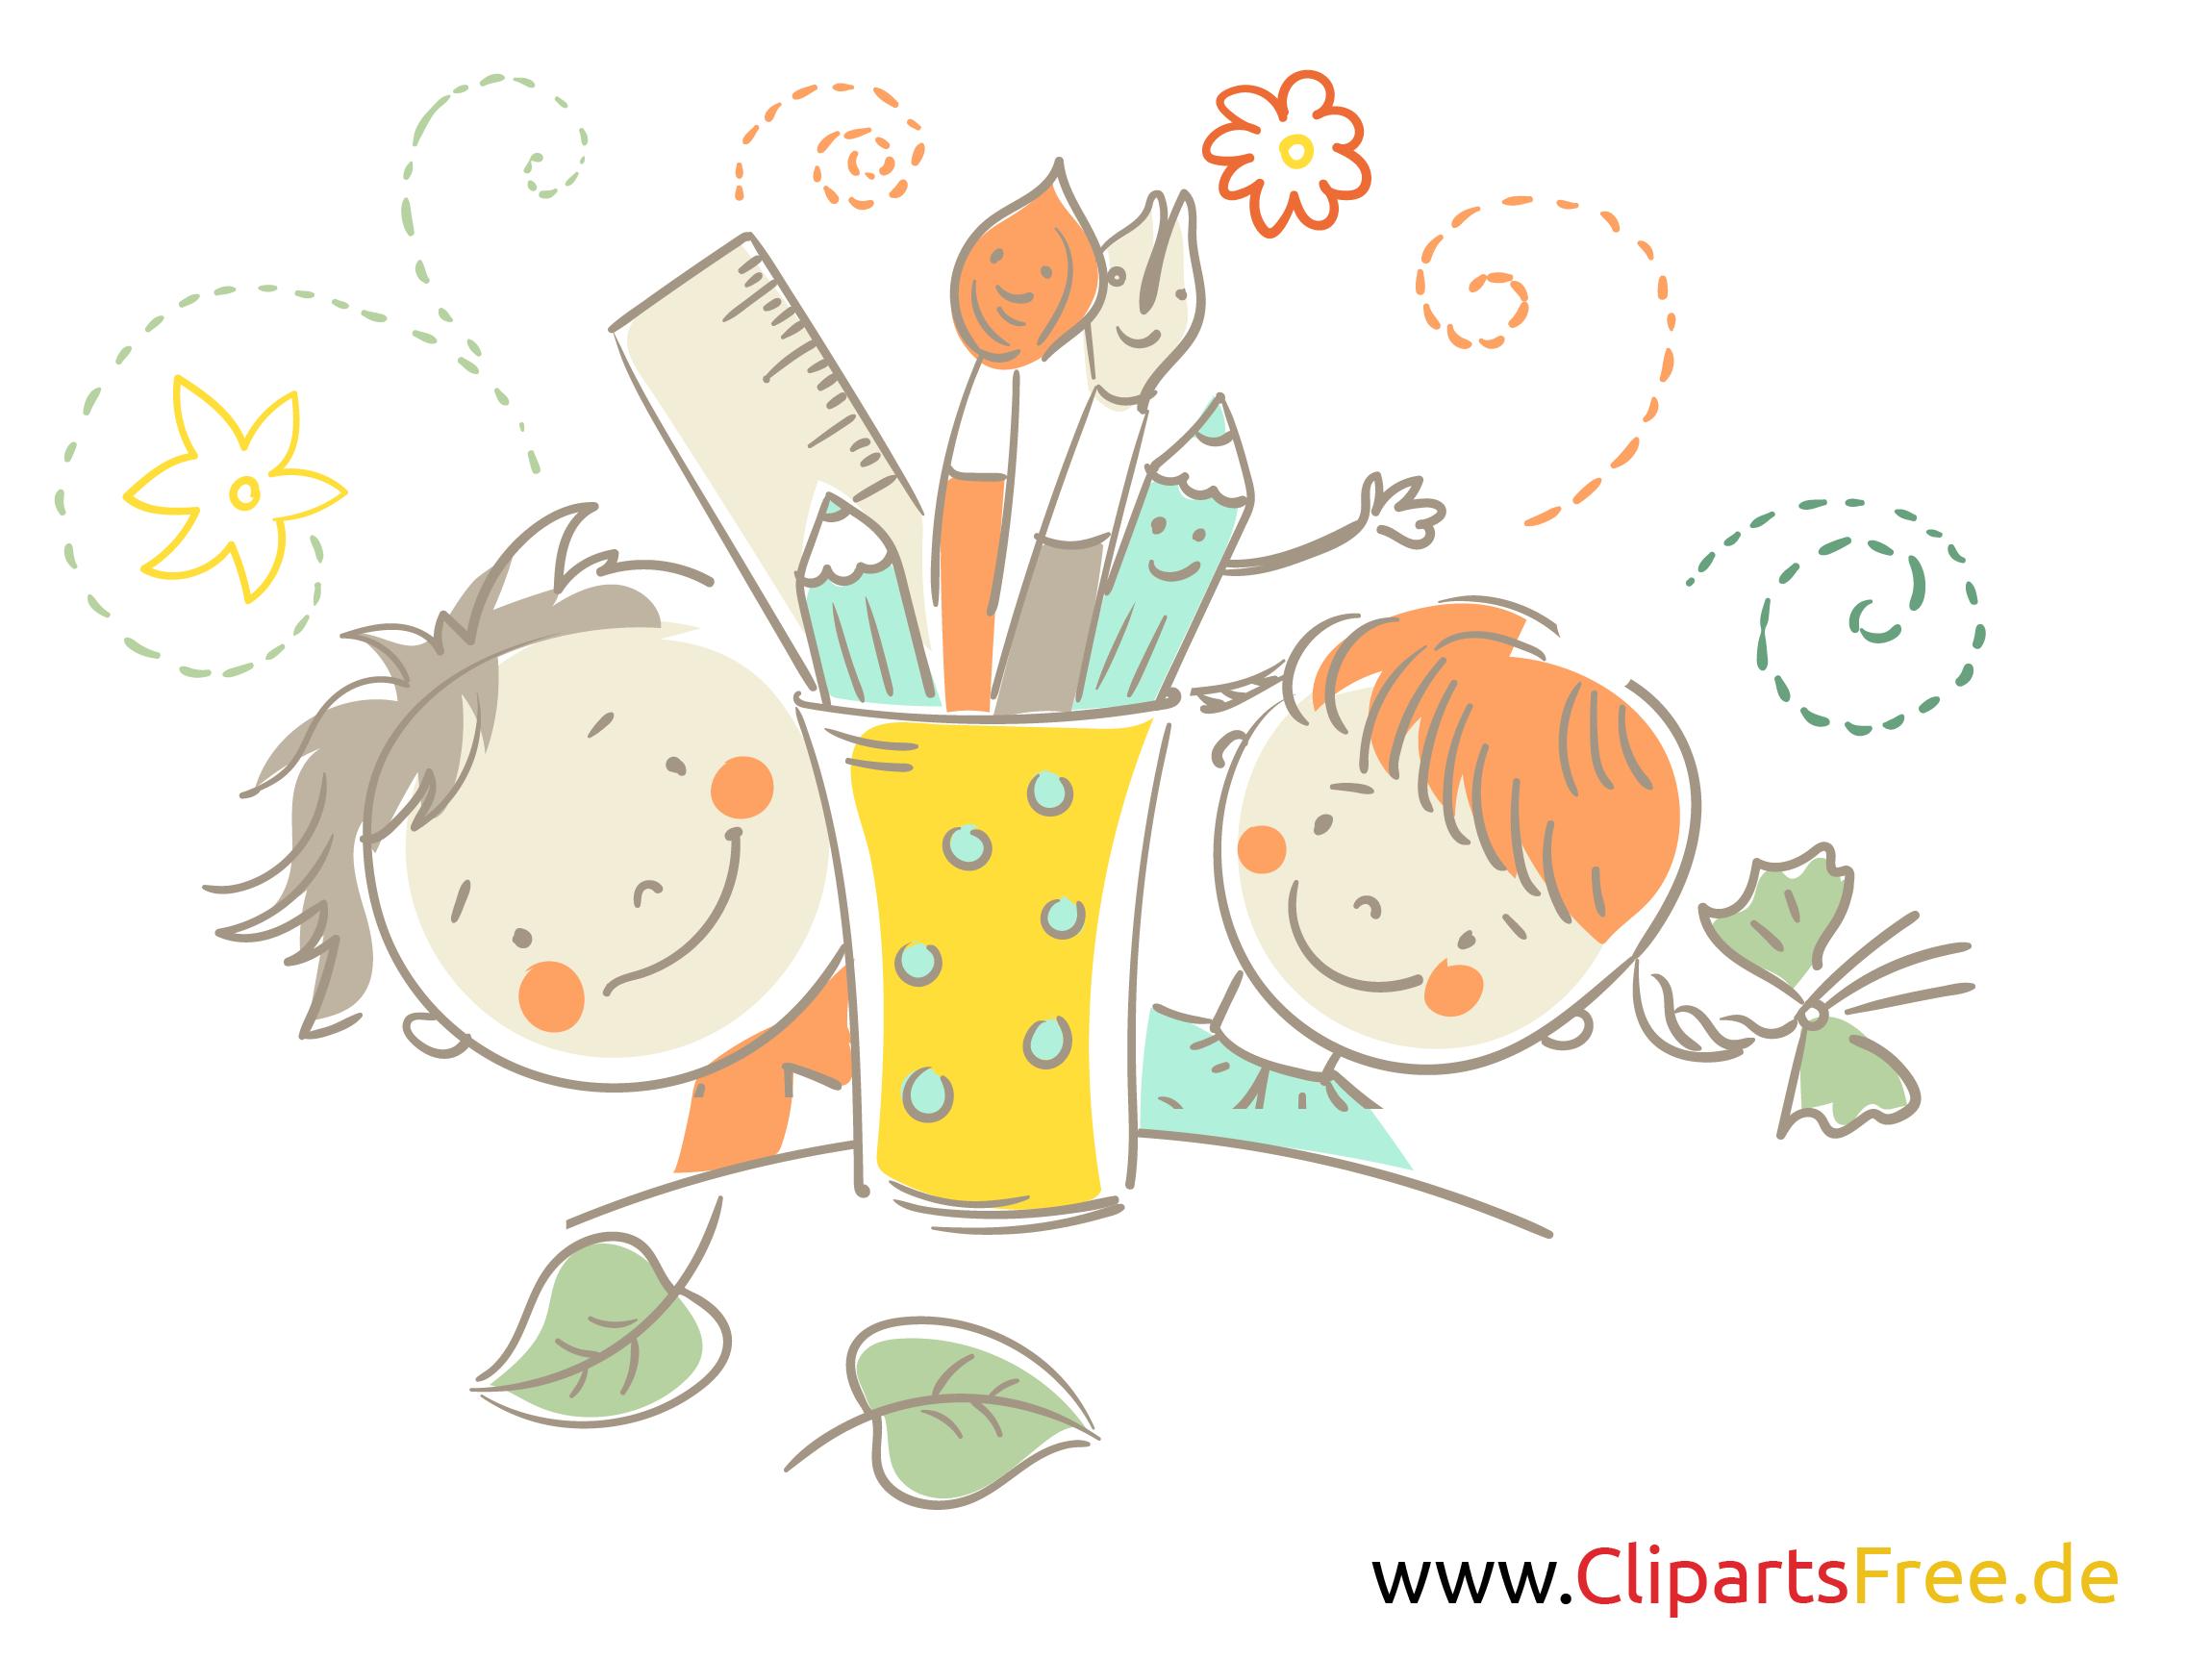 Kinder clipart kostenlos 2 » Clipart Portal.